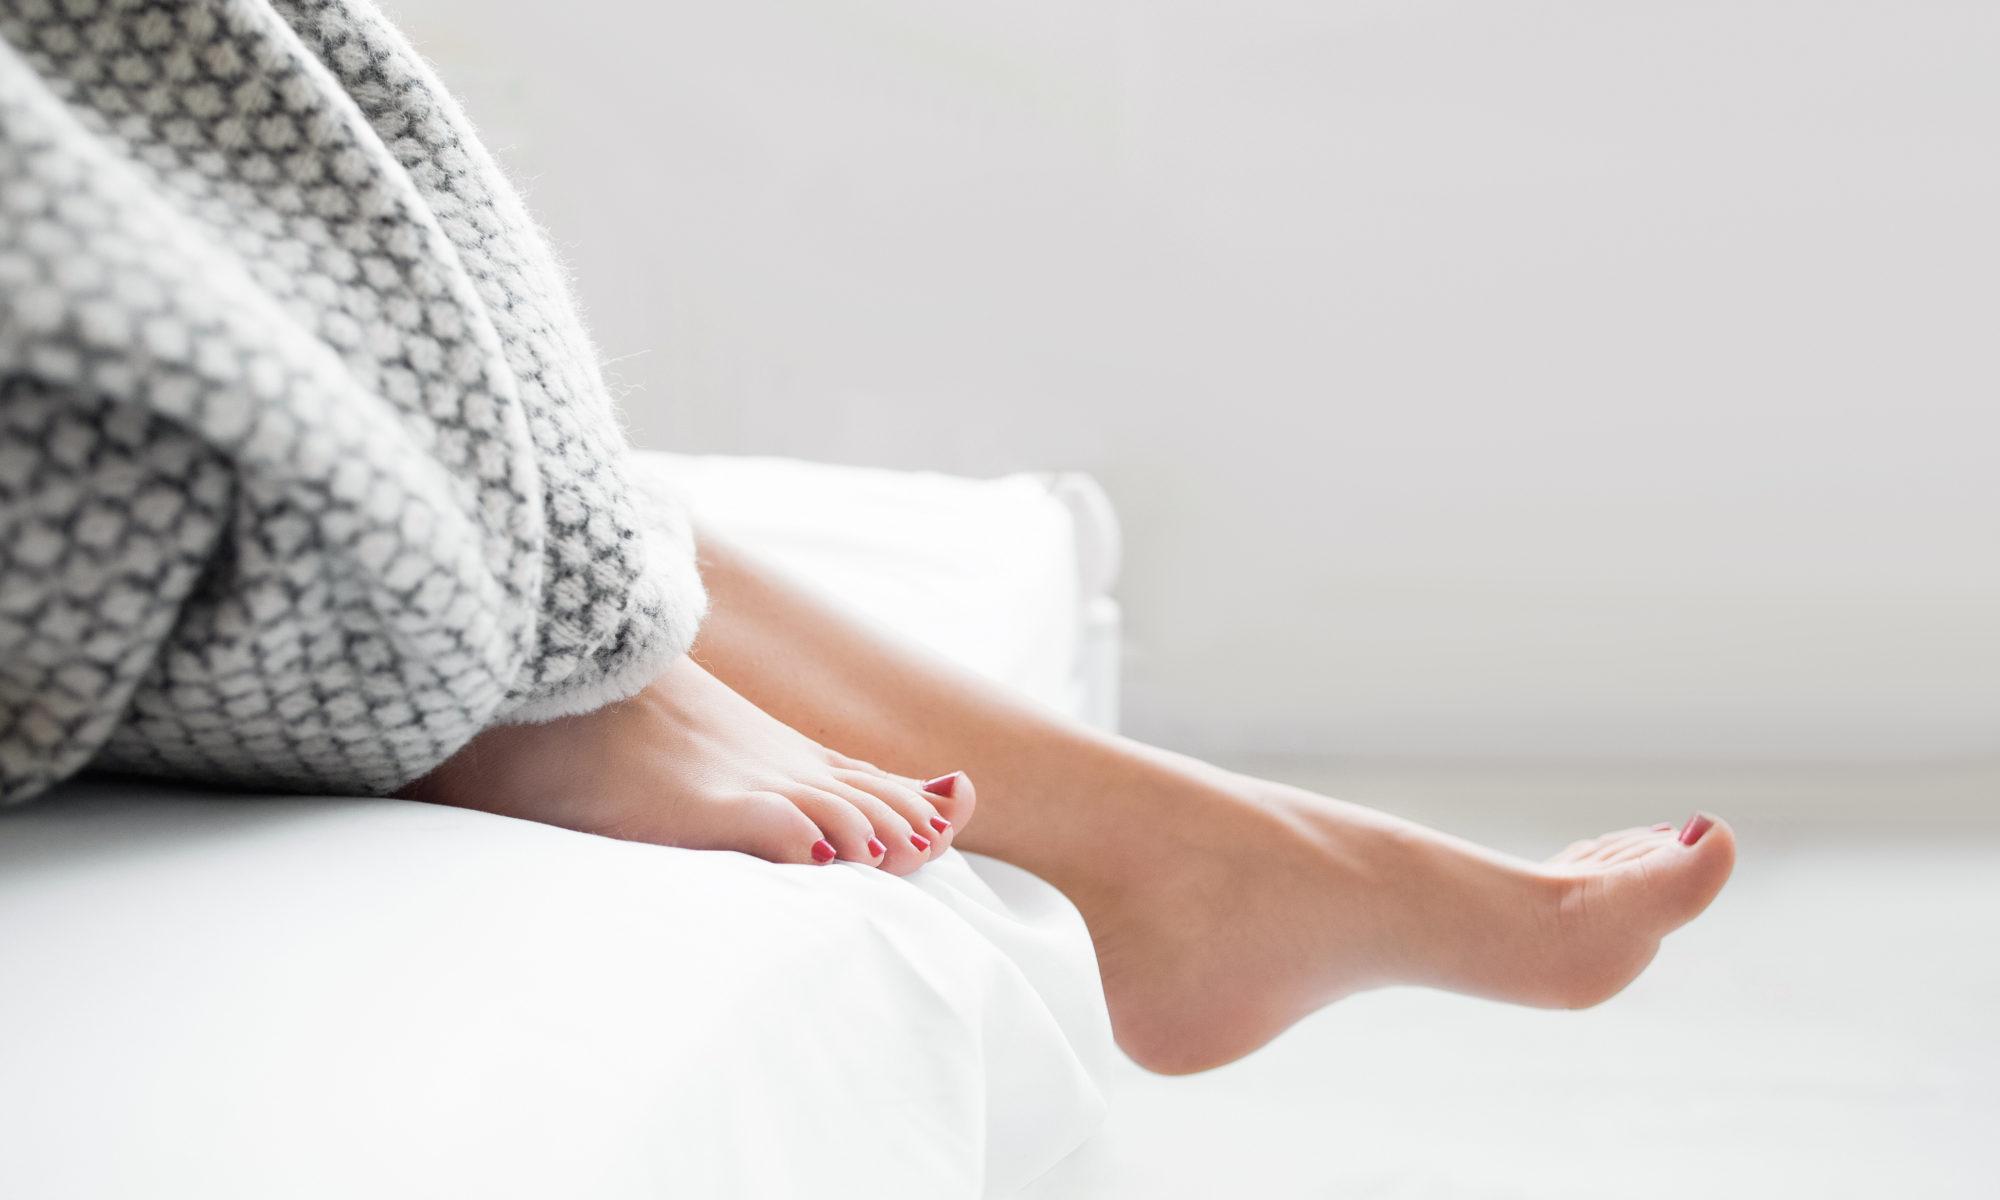 kobiece nogi wstające z łóżka zespół niespokojnych nóg